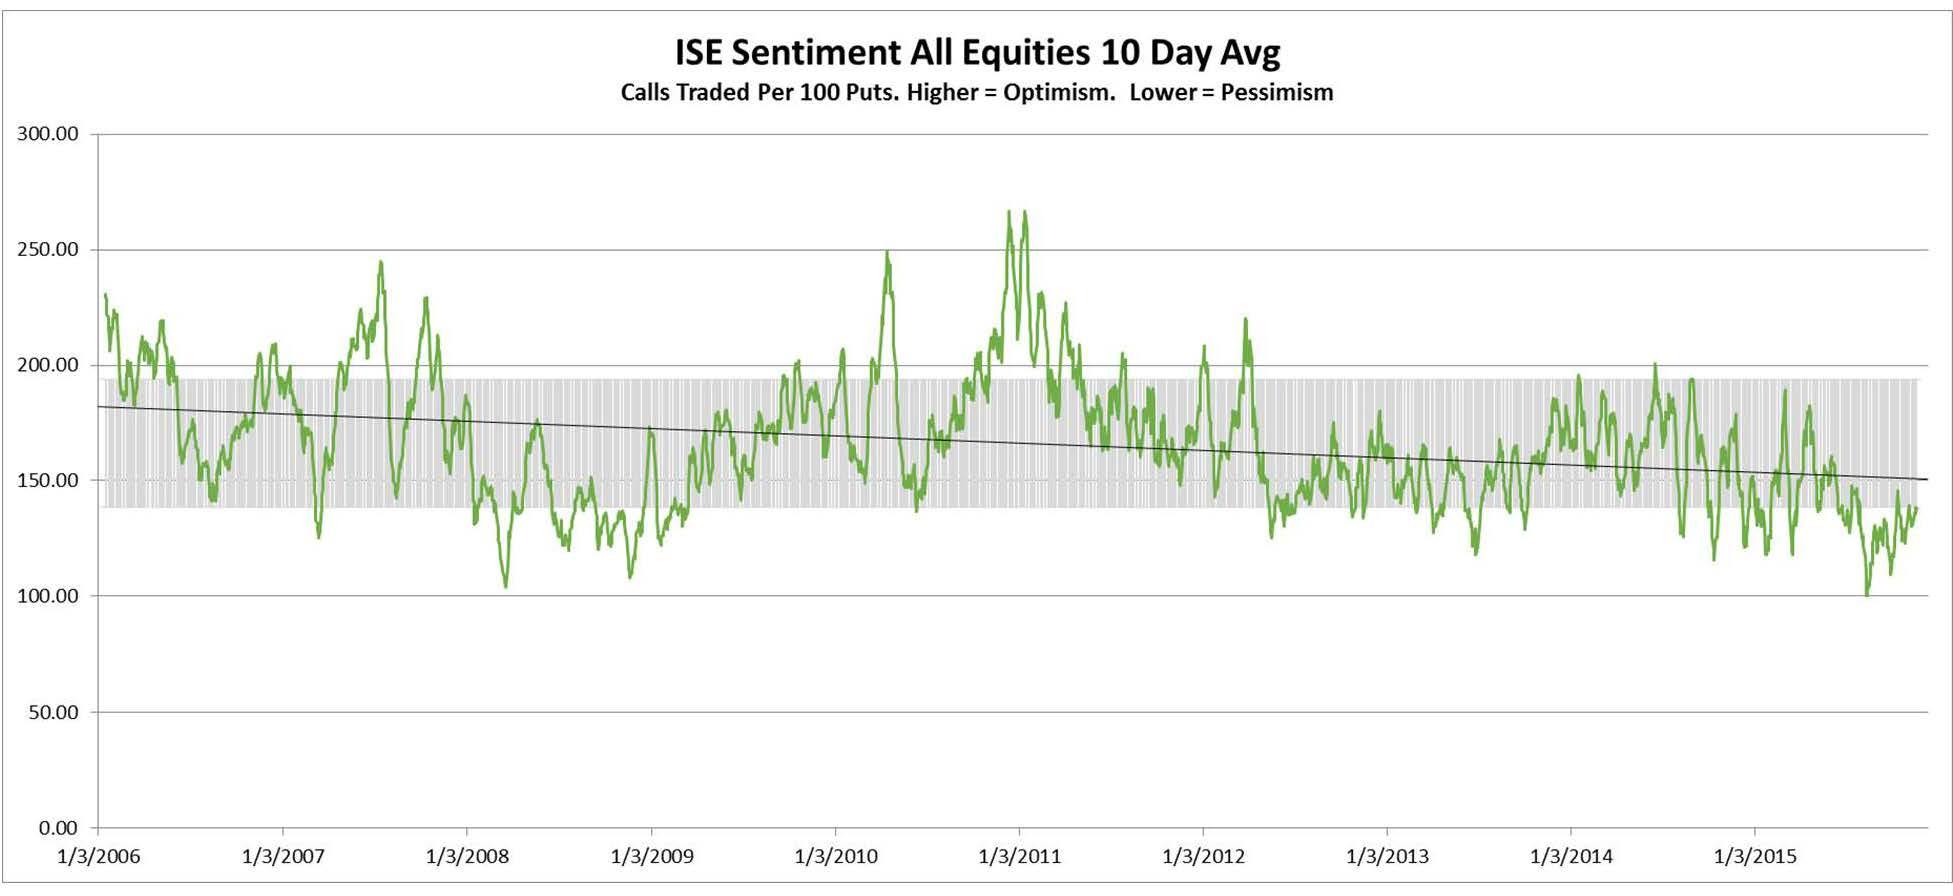 ISEE Index - ISE Sentiment Index